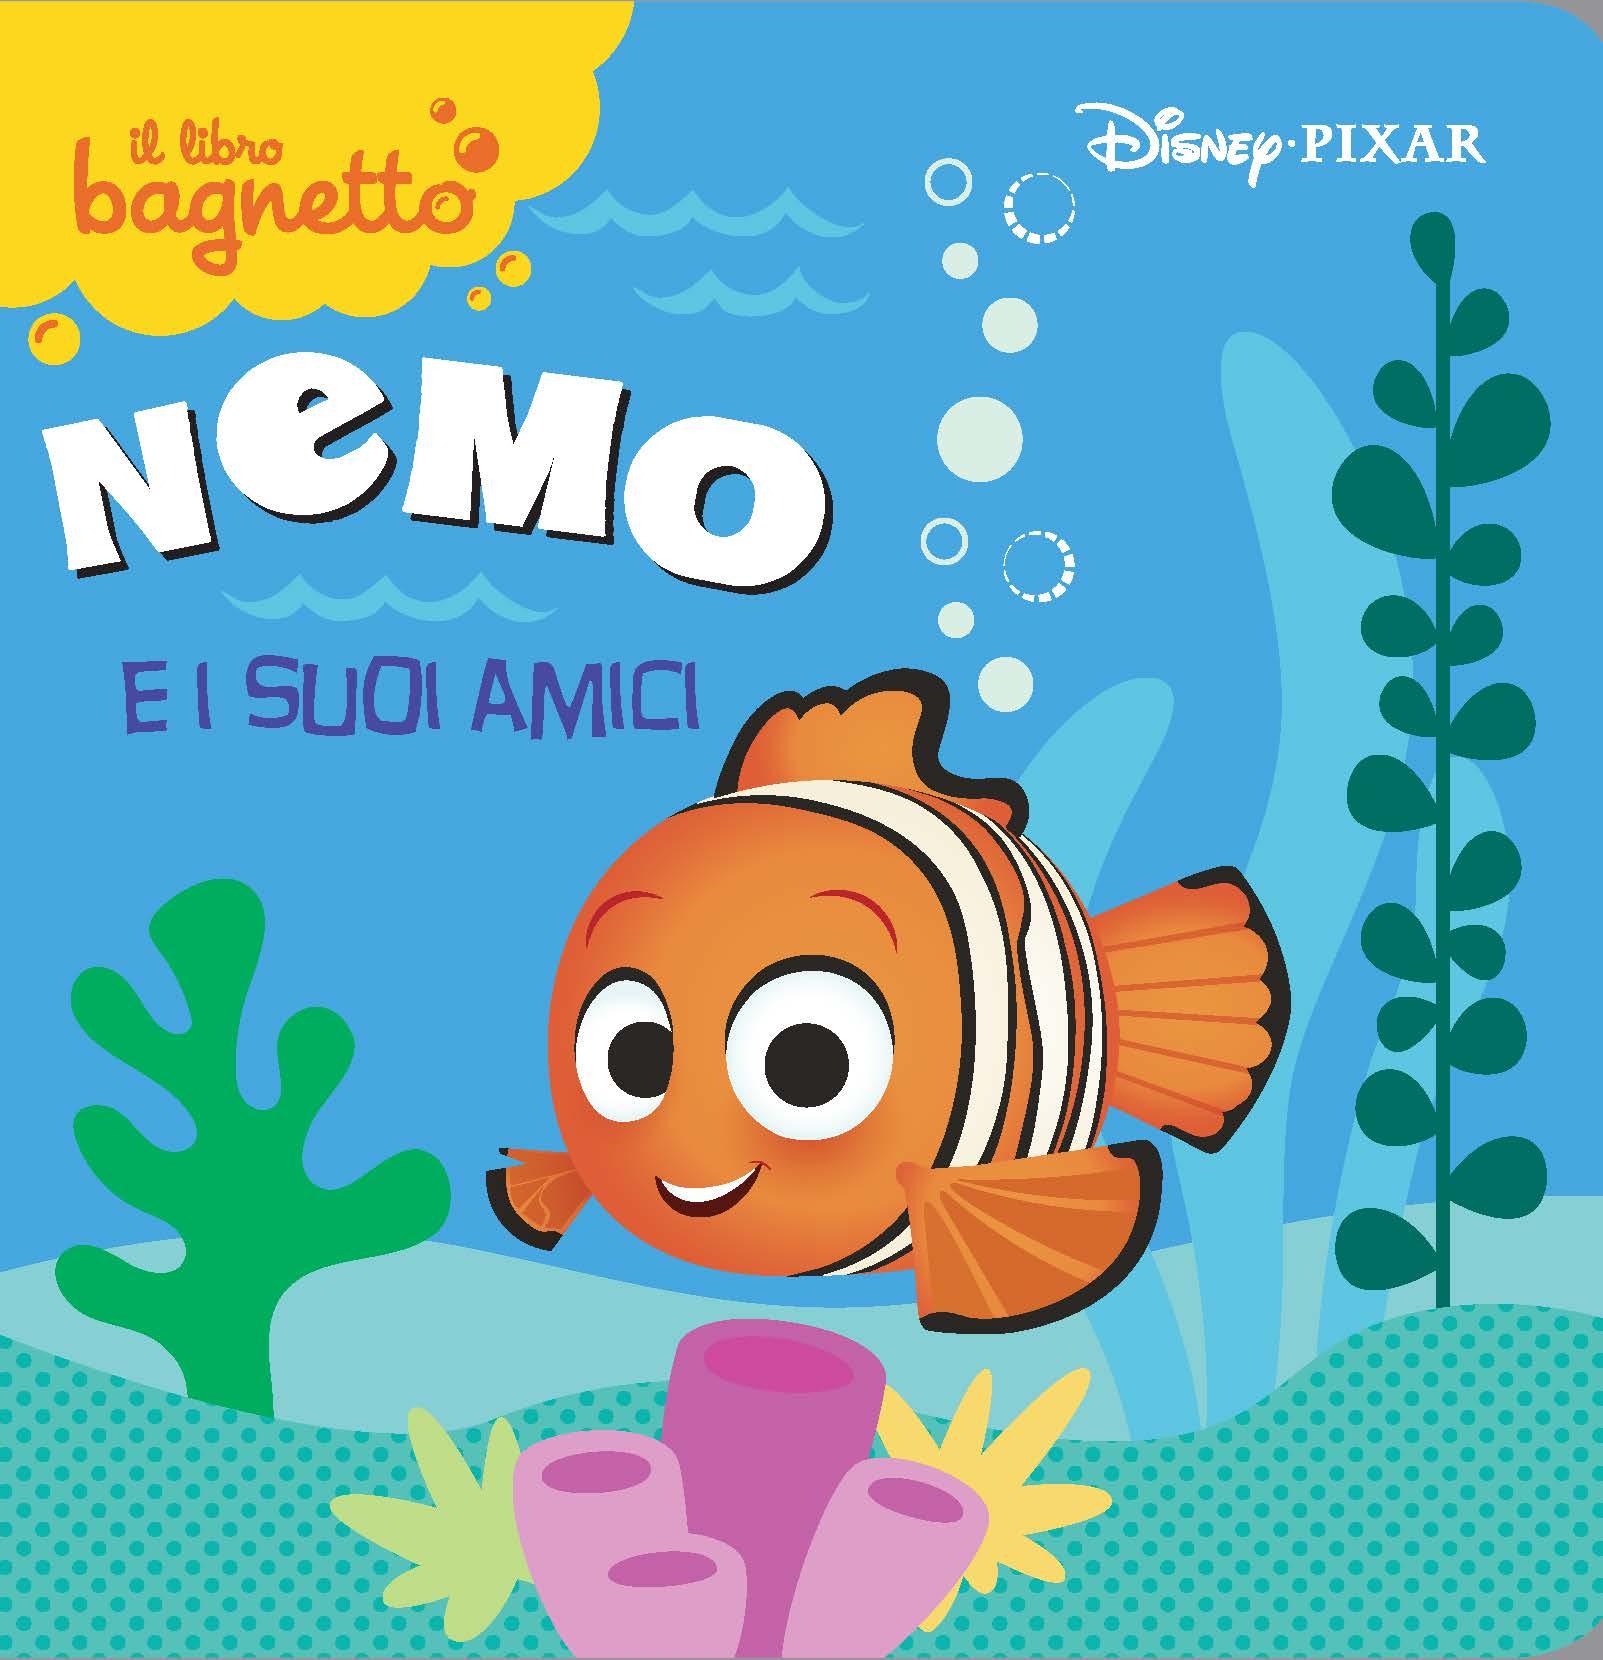 Nemo e i suoi amici Il libro bagnetto